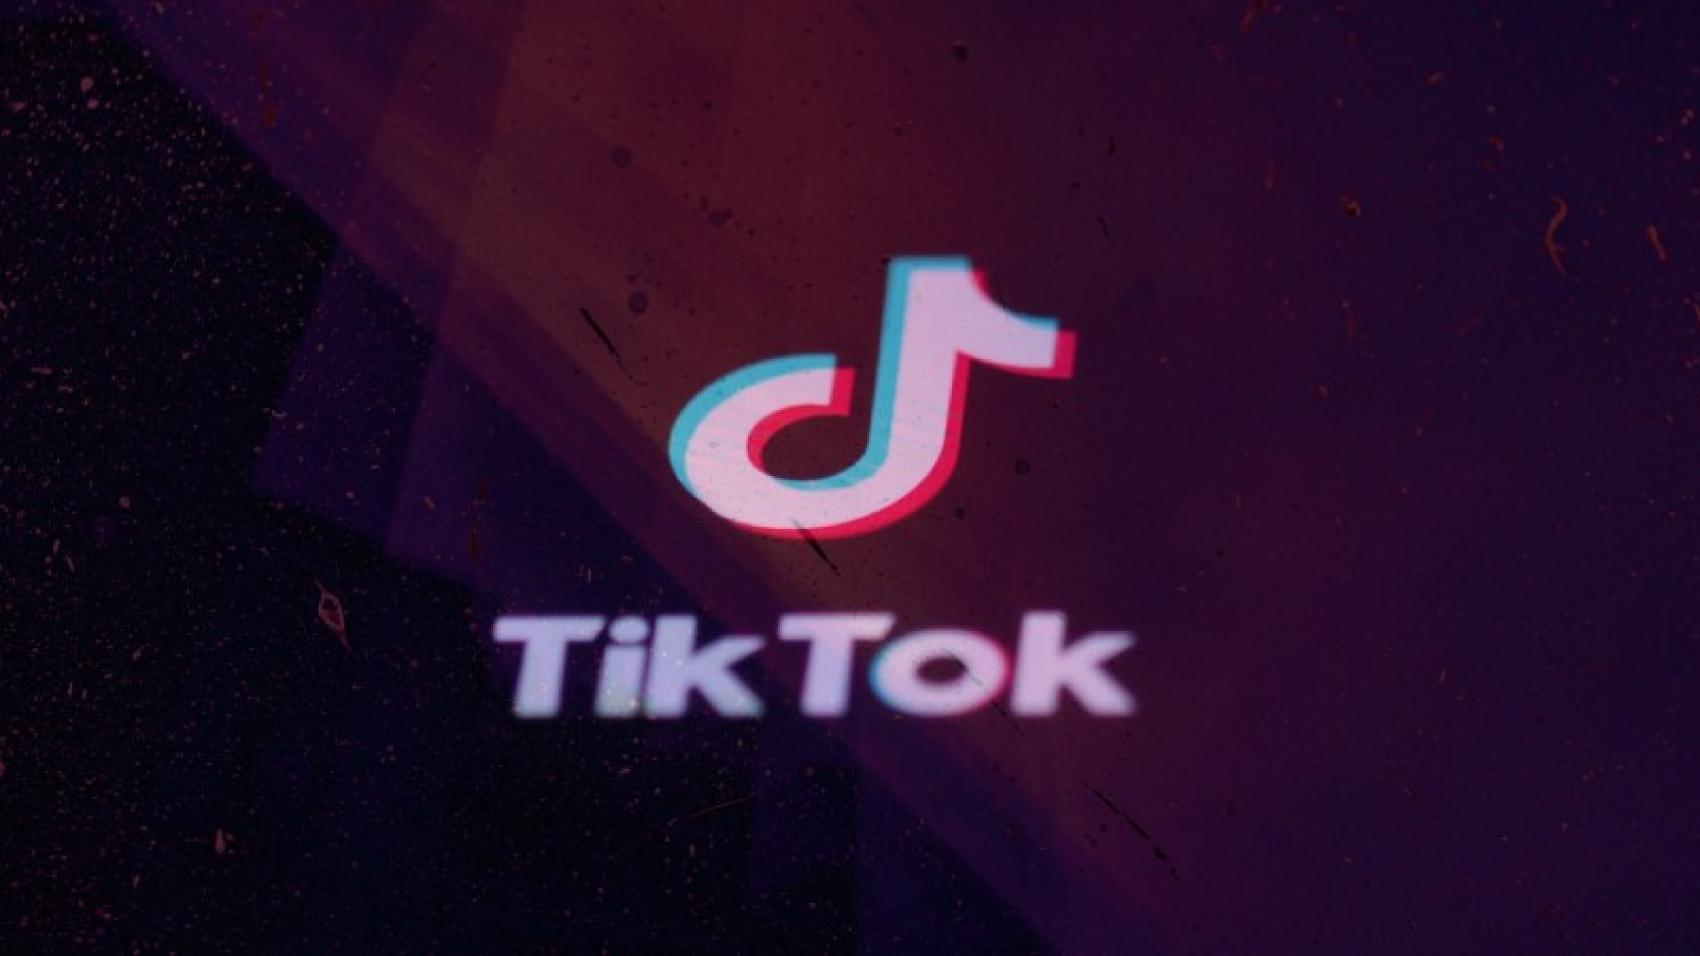 В TikTok могут появиться эффекты дополненной реальности